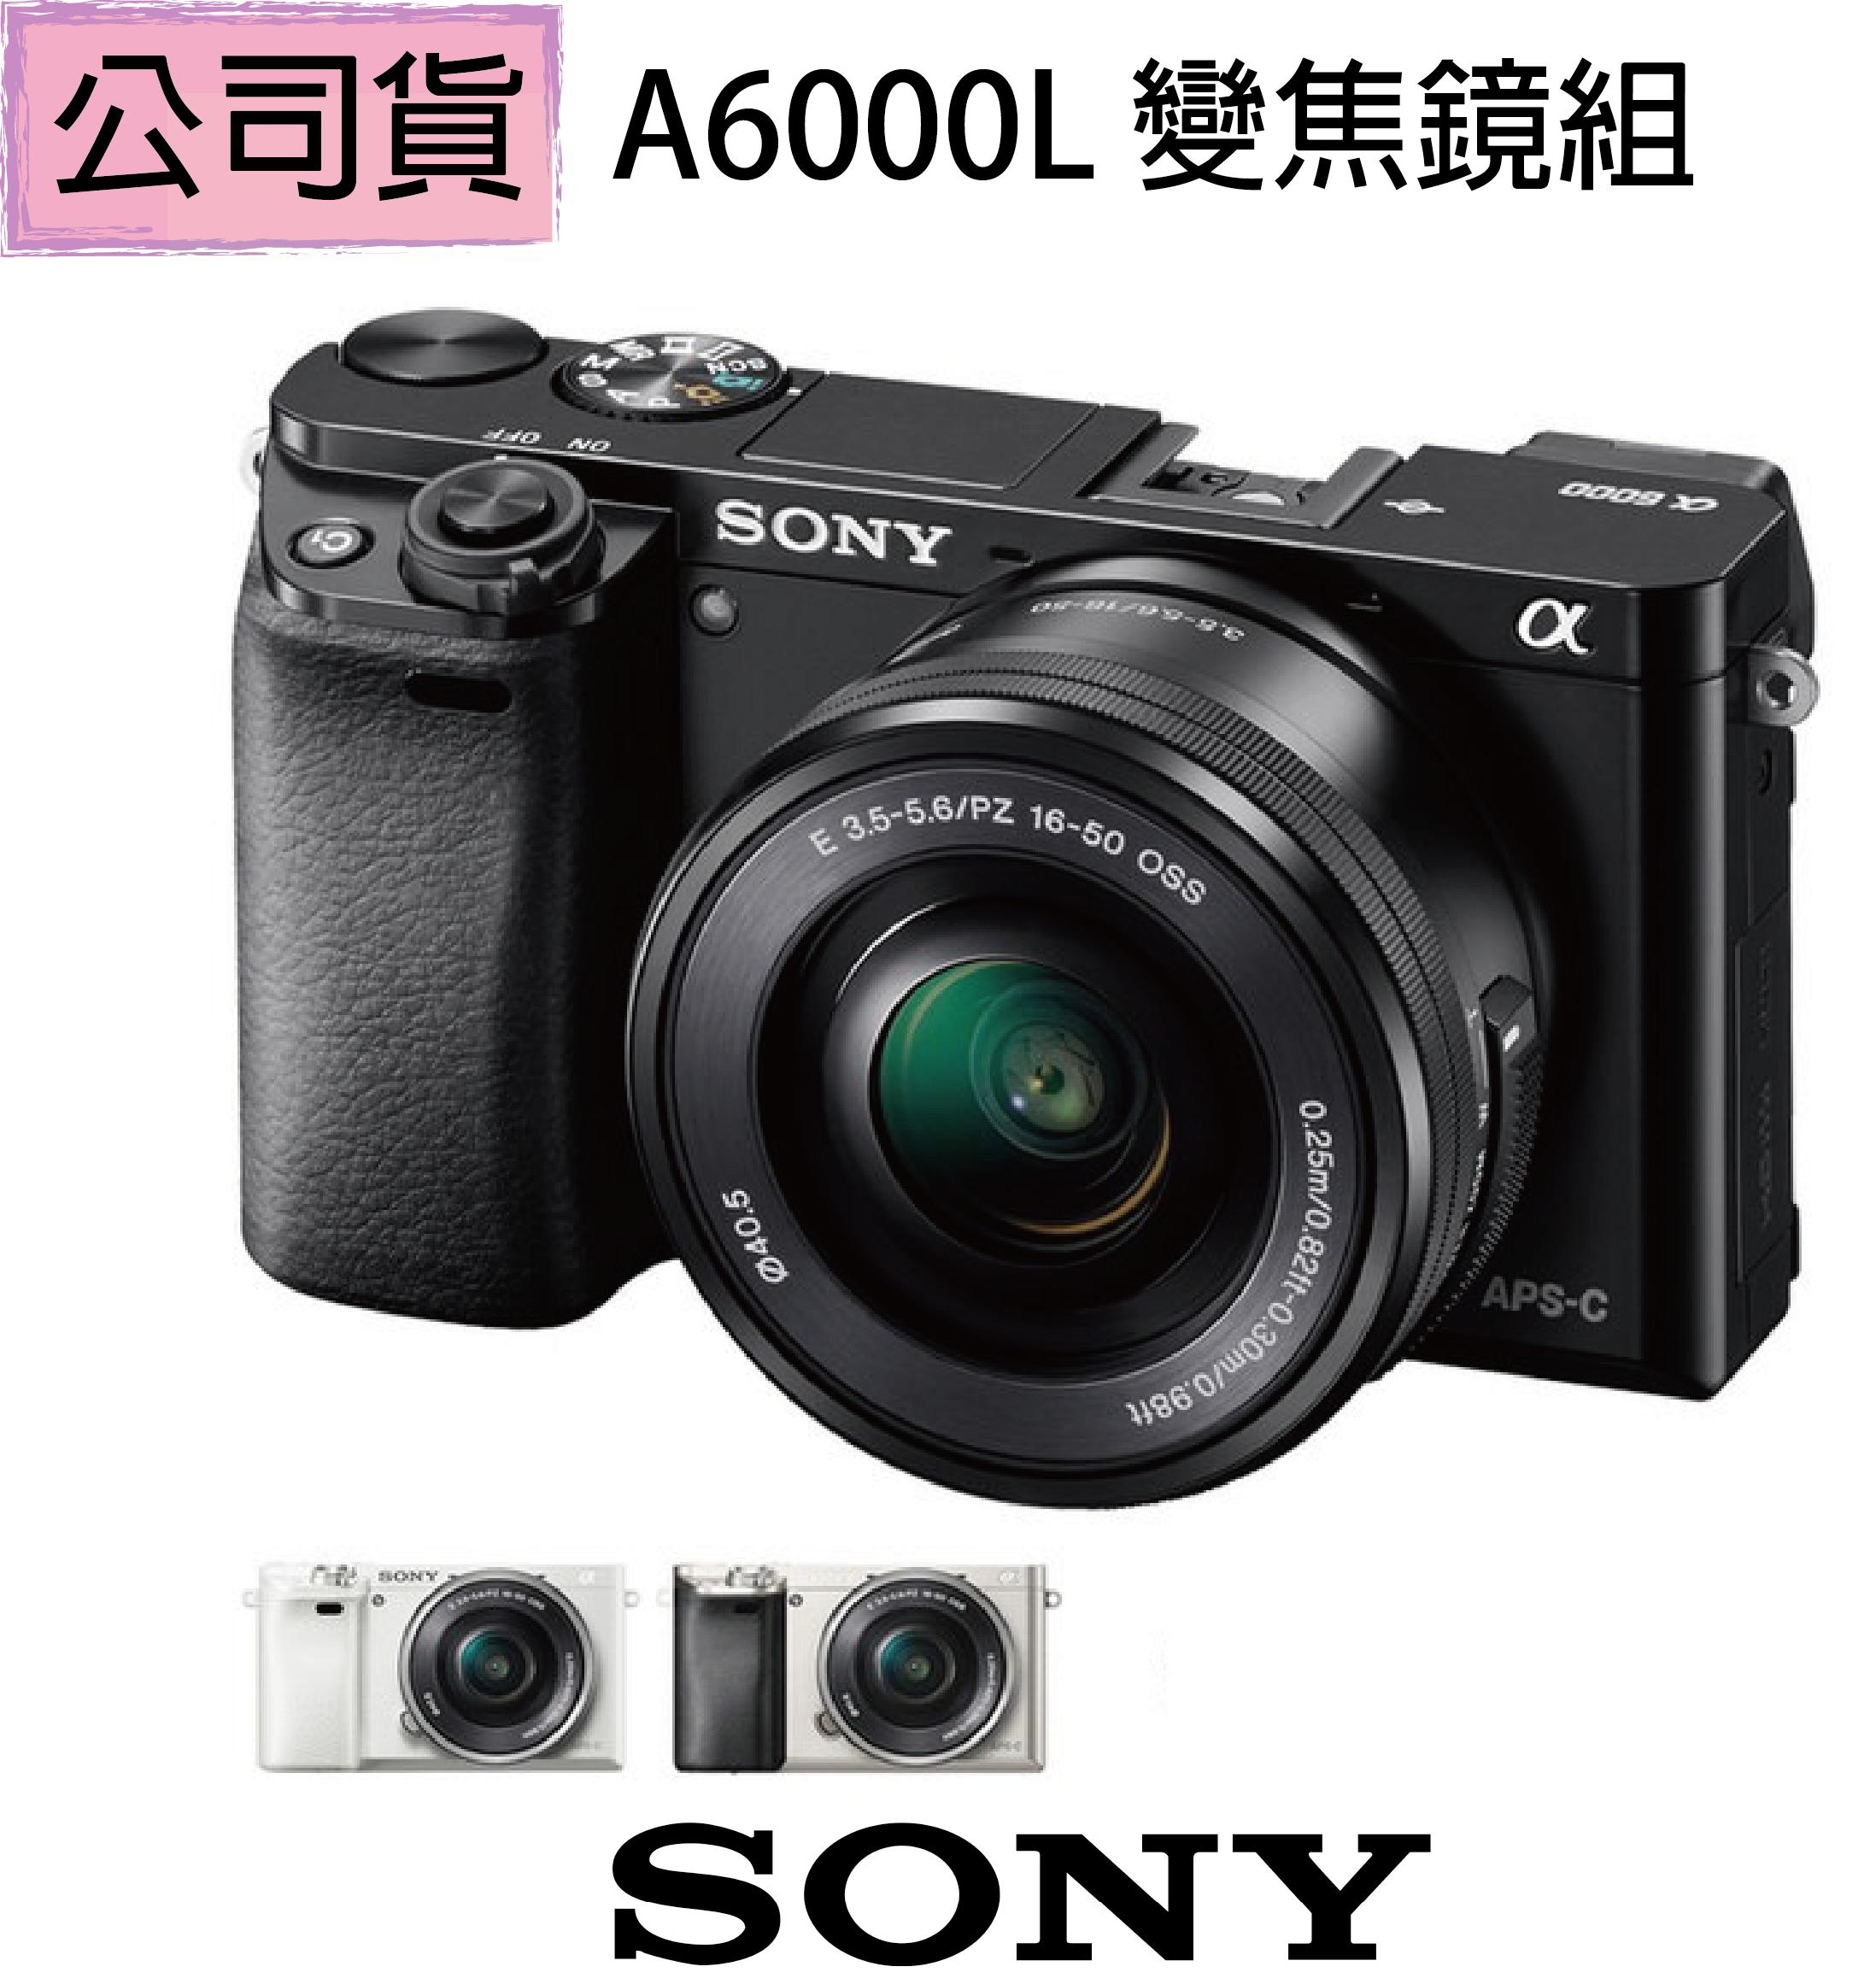 贈【SanDisk 64G 原電超值八件組】【SONY】A6000L ILCE-6000L 變焦單鏡組(公司貨)